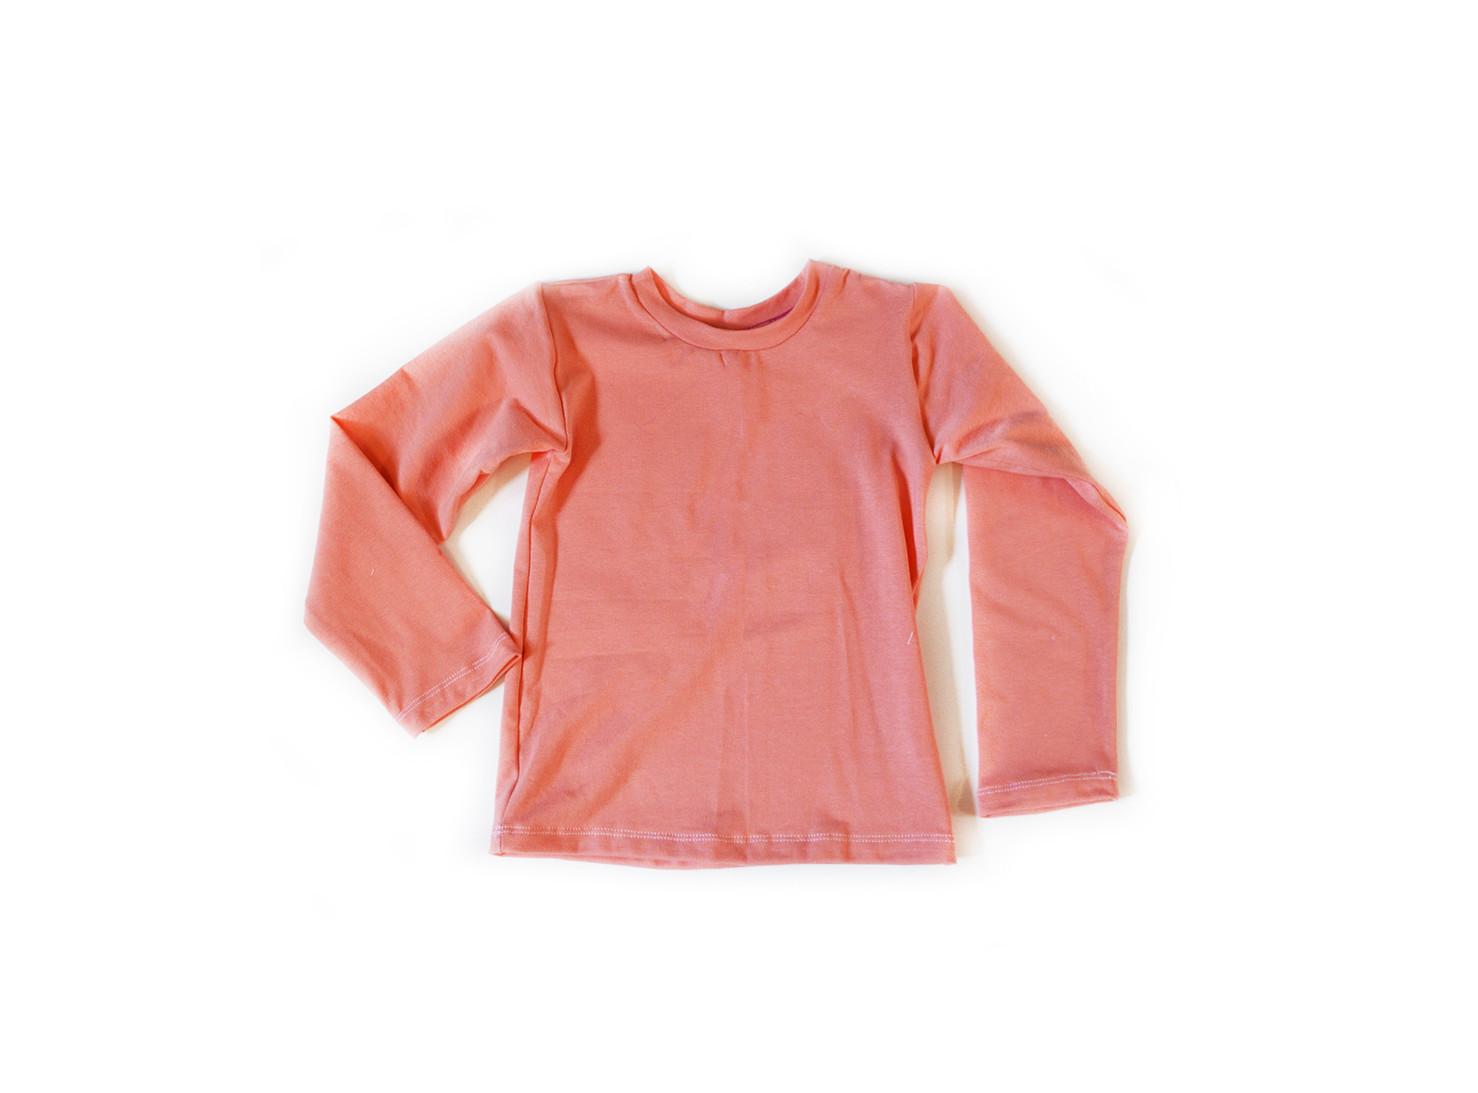 Little Kids Long Sleeve T shirt Coral